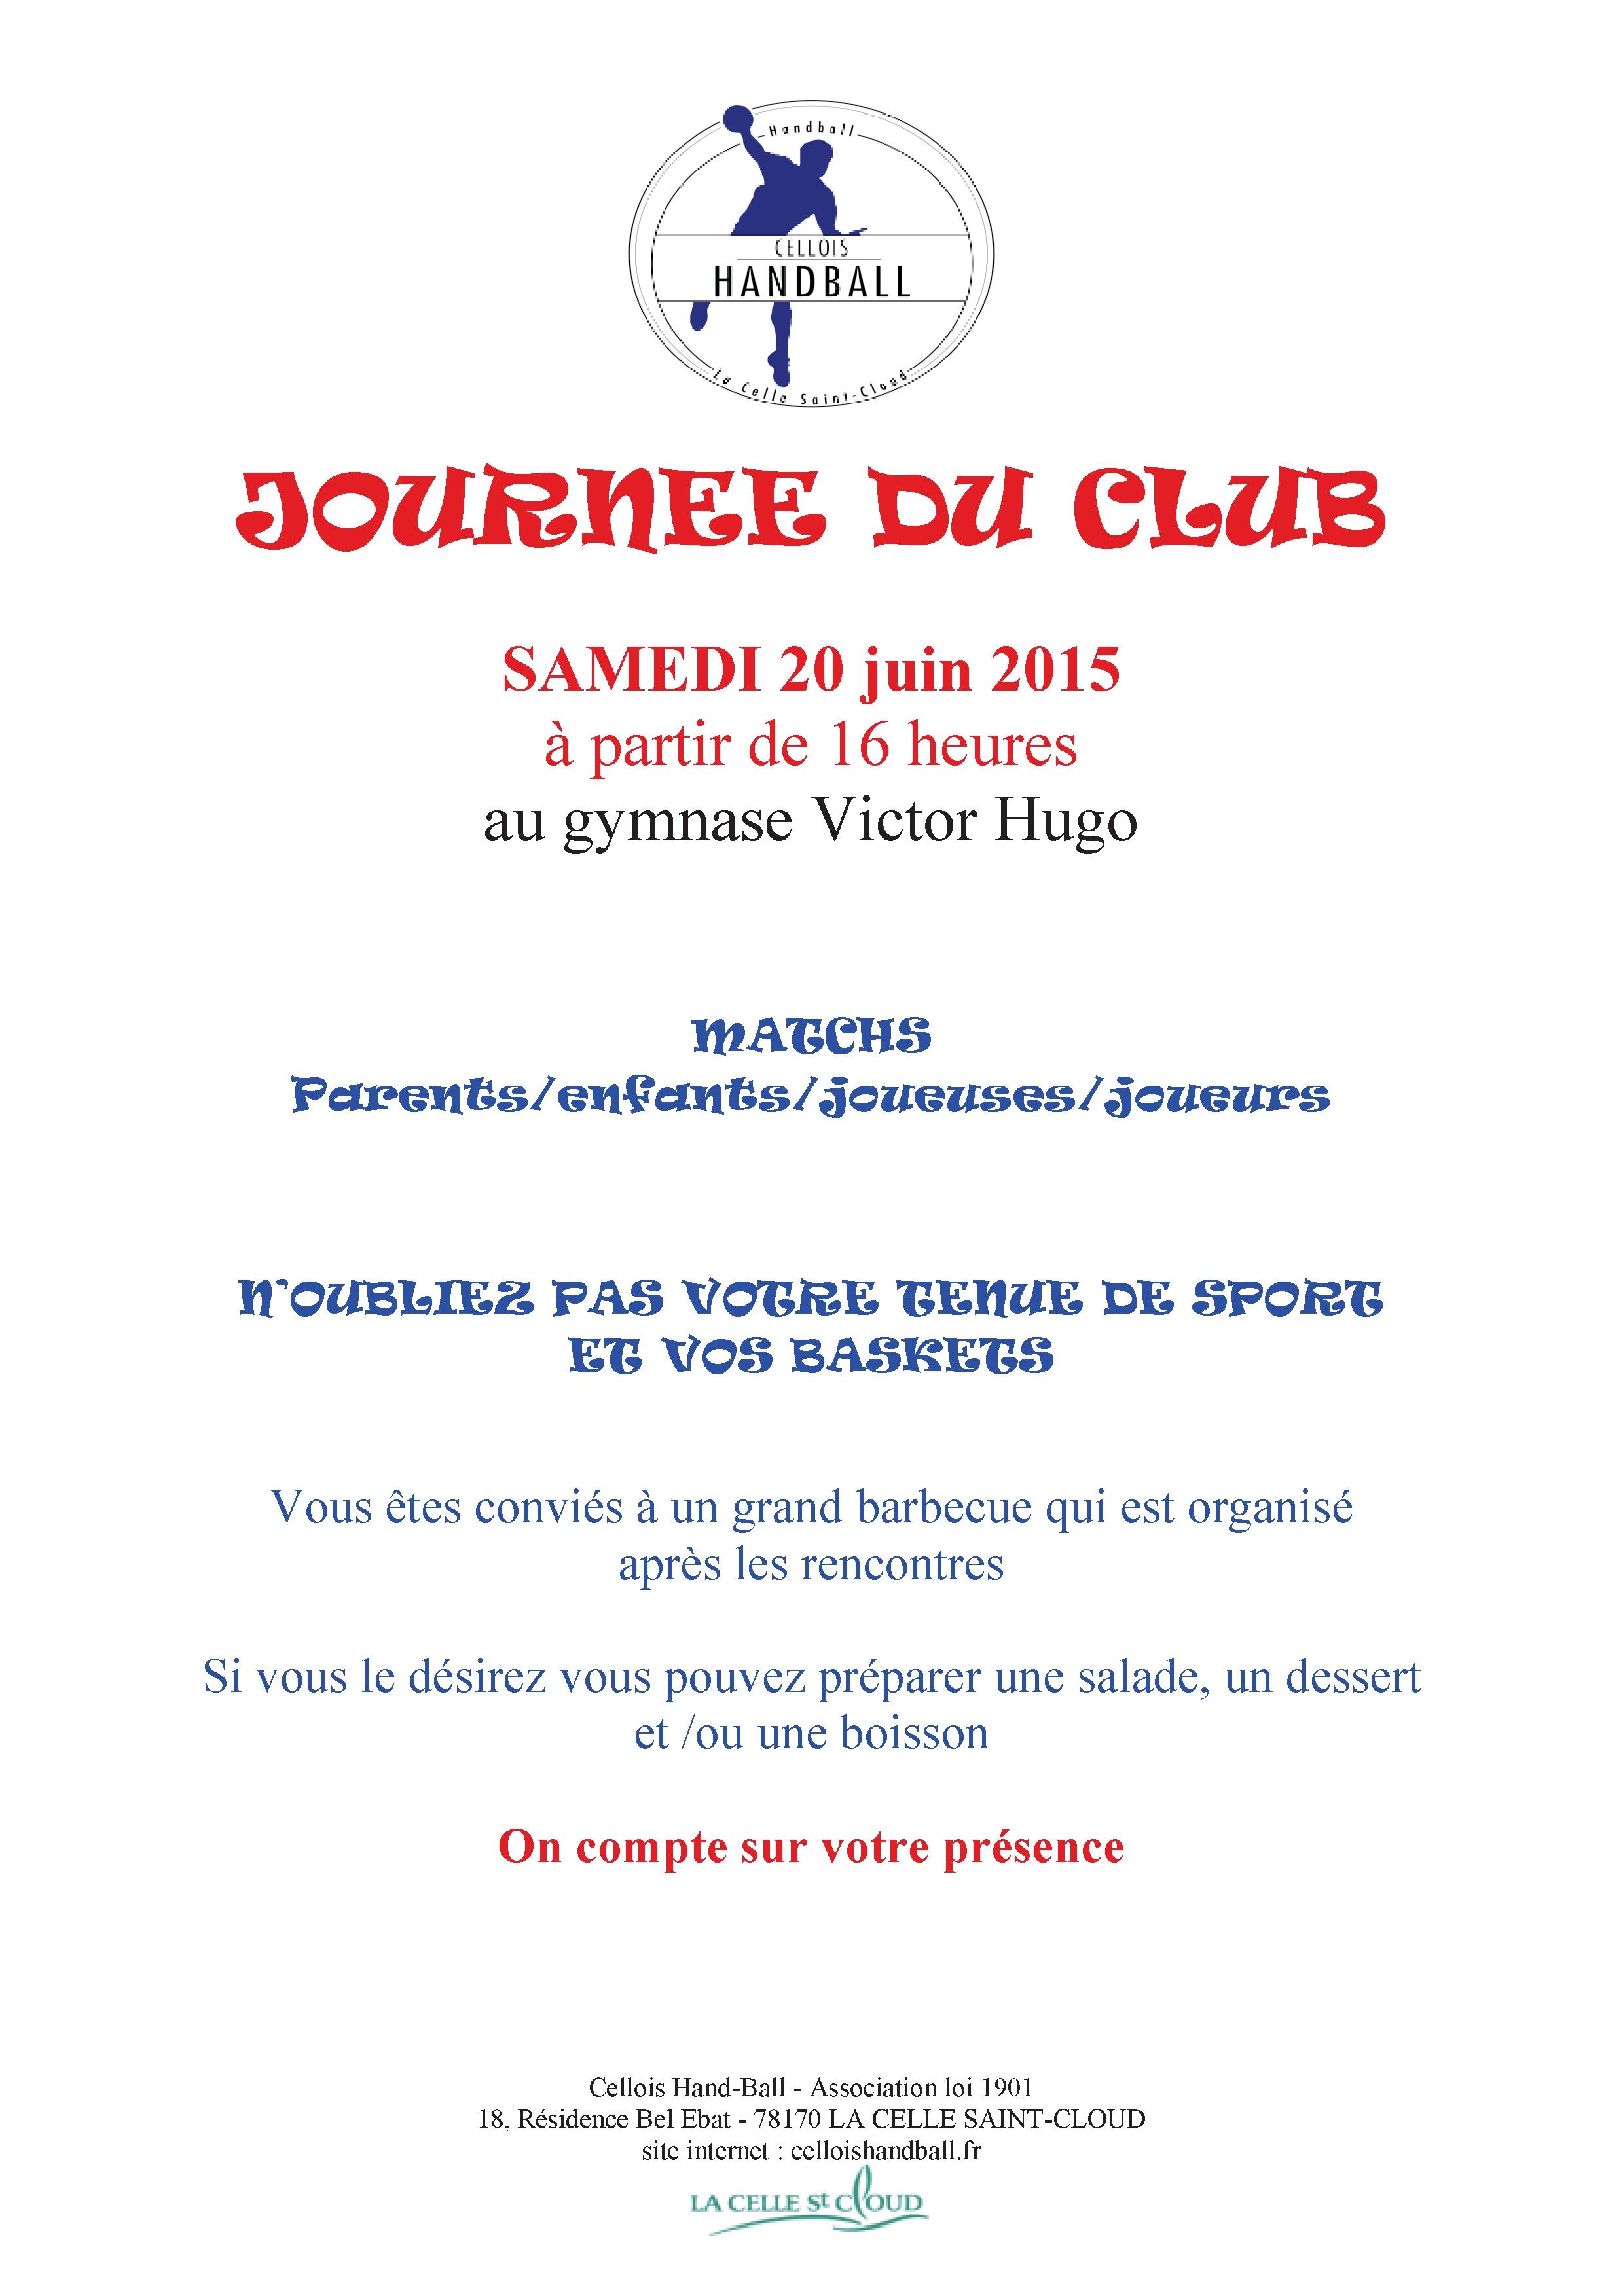 AFFICHE JOURNEE DU CLUB 20 06 2015